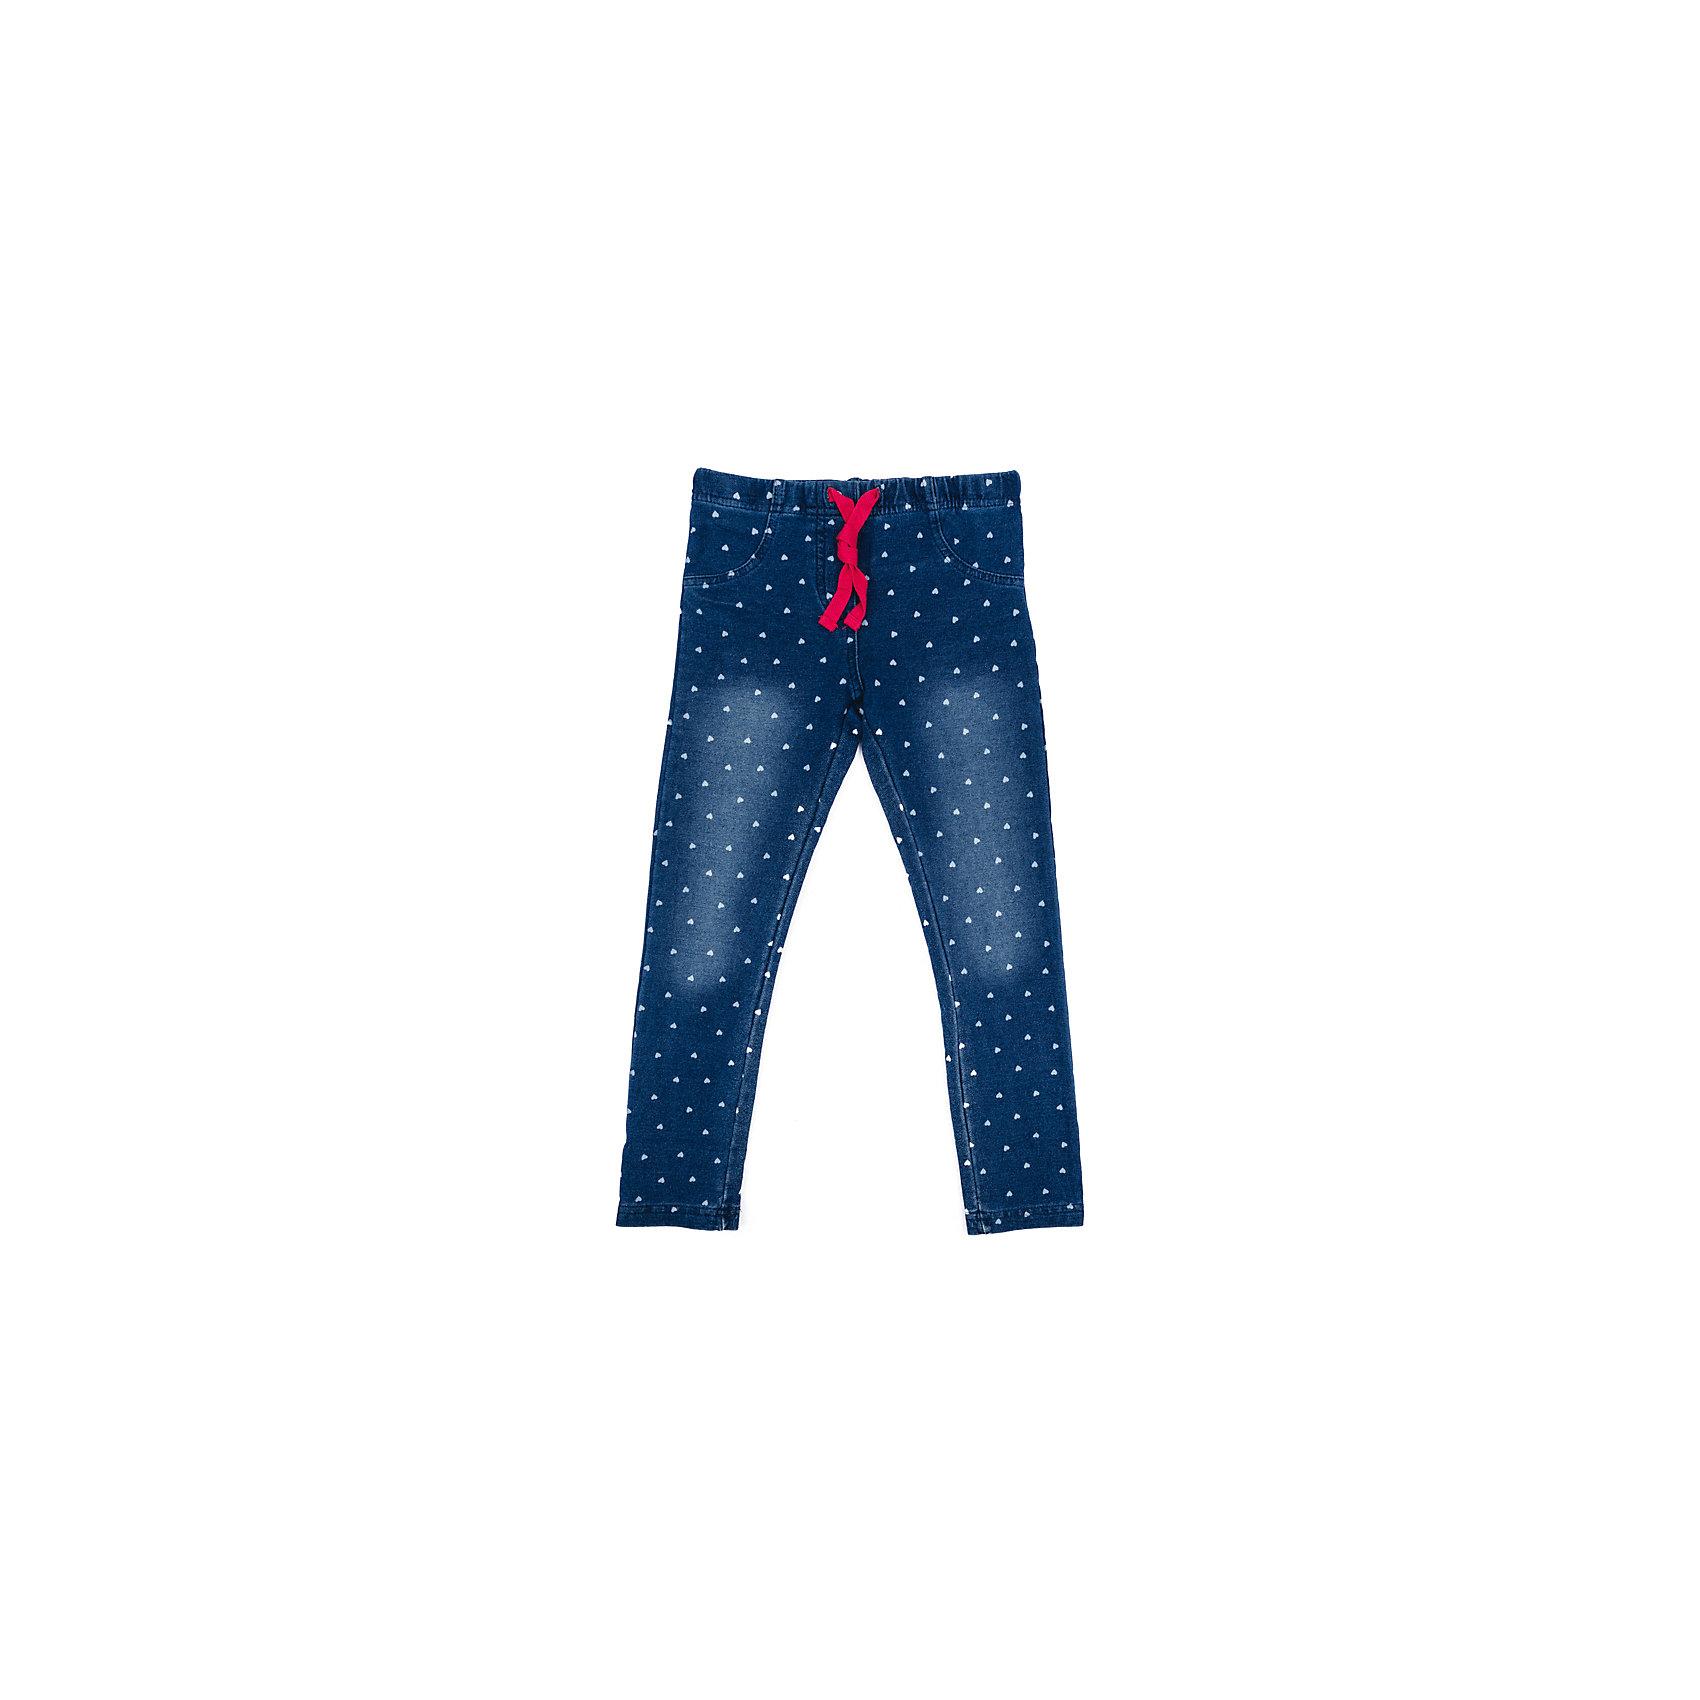 Джинсы для девочки PlayTodayДжинсы для девочки PlayToday<br>Брюки джинсы с эффектом потертости прекрасно подойдут Вашему ребенку для отдыха и прогулок. Модель на мягкой  резинке, дополнительно снабжена шнуром - кулиской, можно регулировать ширину брюк по талии. Мягкая ткань не сковывает движений ребенка.  Могут быть хорошей базовой вещью в детском гардеробе.  <br><br>Преимущества: <br><br>Брюки джинсы с эффектом потертости<br>Брюки со шнуром-кулиской на талии<br>Могут быть базовой вещью в детском гардеробе<br><br>Состав:<br>95% хлопок, 5% эластан<br><br>Ширина мм: 215<br>Глубина мм: 88<br>Высота мм: 191<br>Вес г: 336<br>Цвет: синий<br>Возраст от месяцев: 84<br>Возраст до месяцев: 96<br>Пол: Женский<br>Возраст: Детский<br>Размер: 128,98,104,110,116,122<br>SKU: 5403669